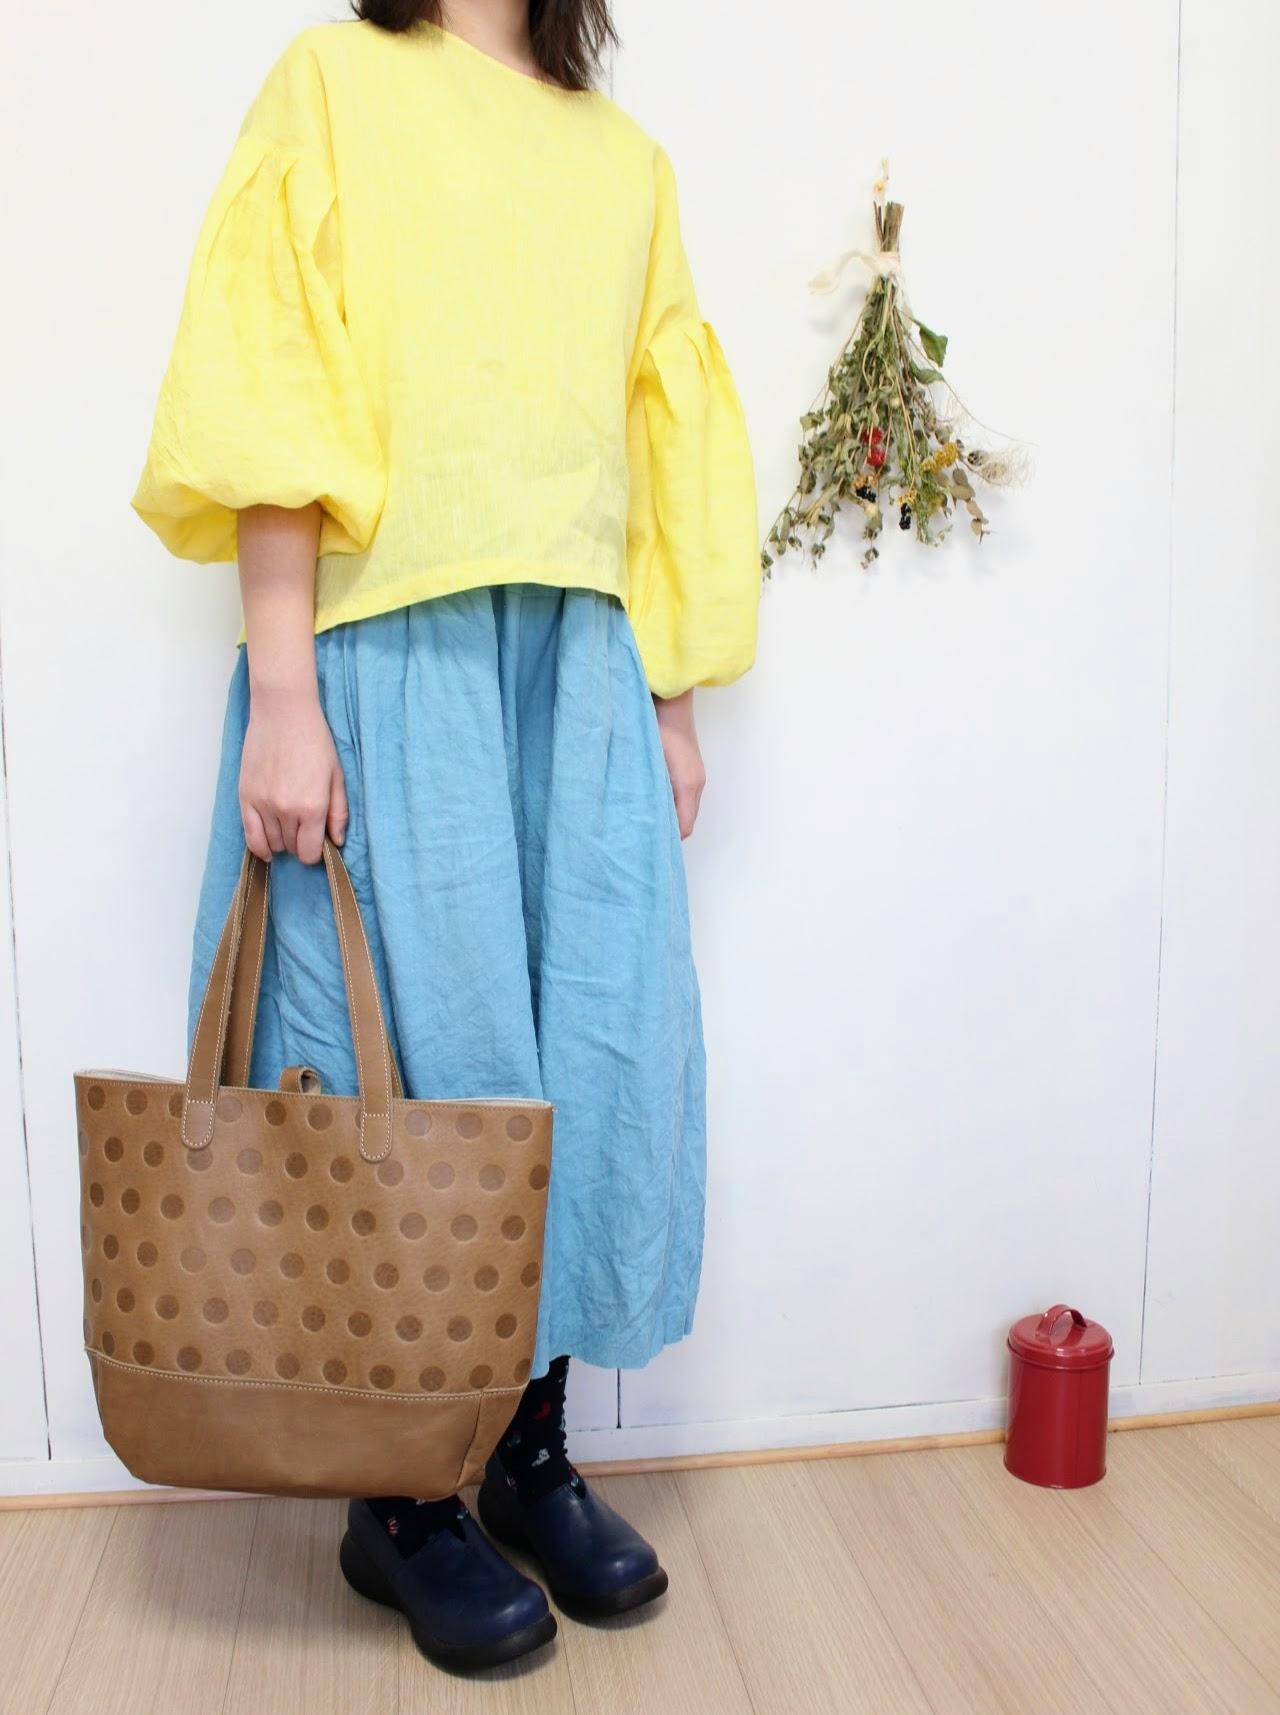 夏のお洋服販売は、8月31日まで。ターコイズキュロット追加しました。